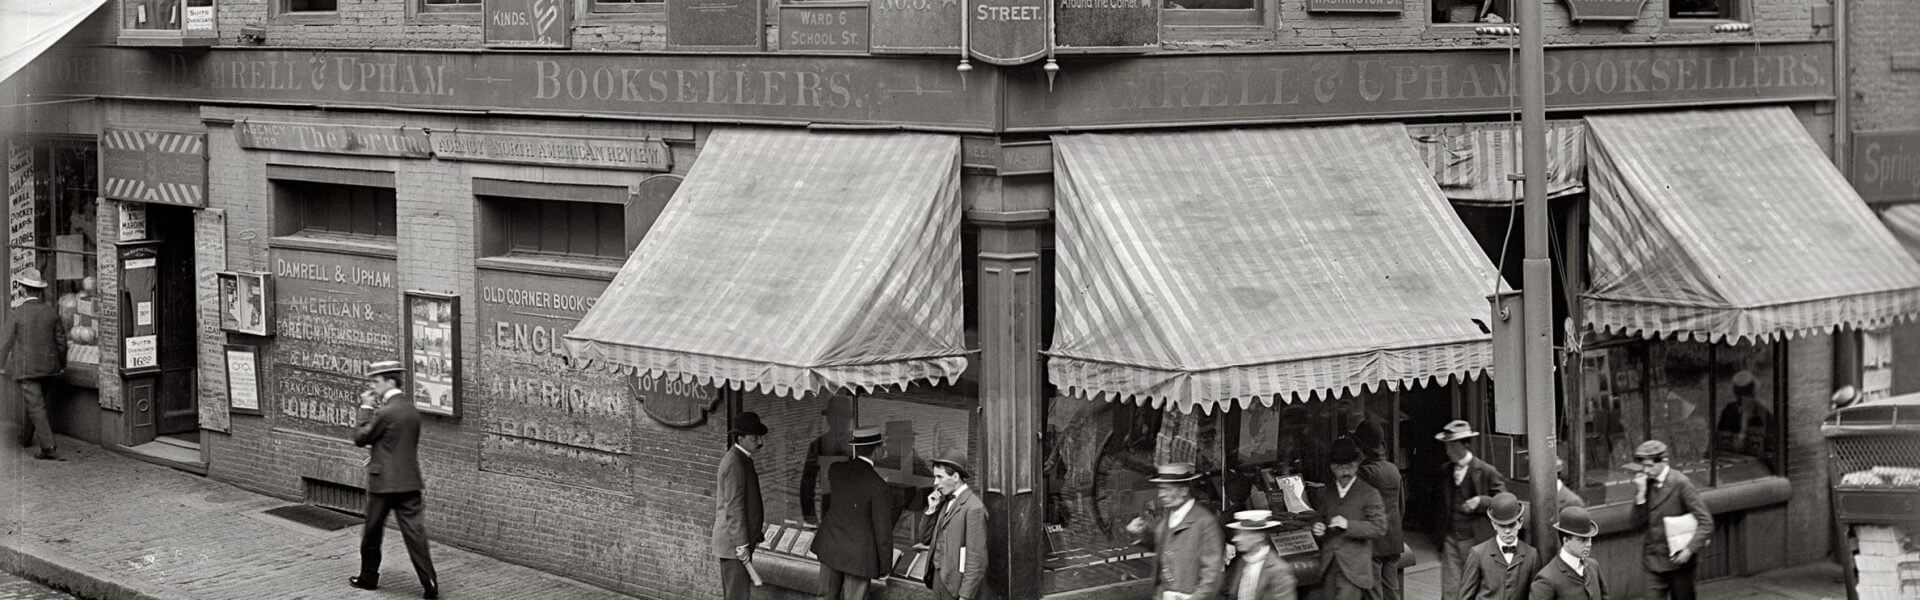 בוסטון סביב 1900. חנות הספרים הפינתית בבניין הלבנים הותיק בעיר. באדיבות: דטרויט פבלישינג קומפני גלויה של דטרויט פבלישינג קומפני